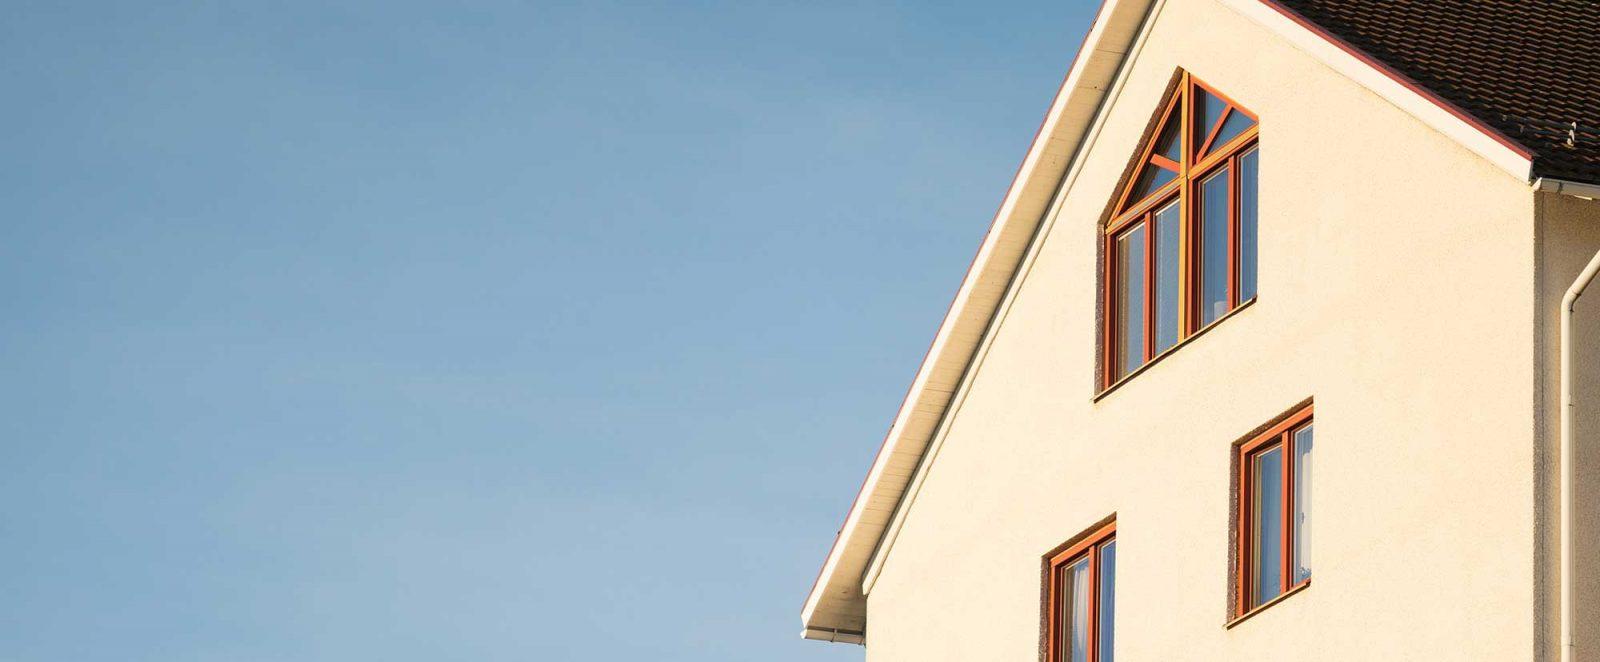 Immobilien Gutachten Versicherung